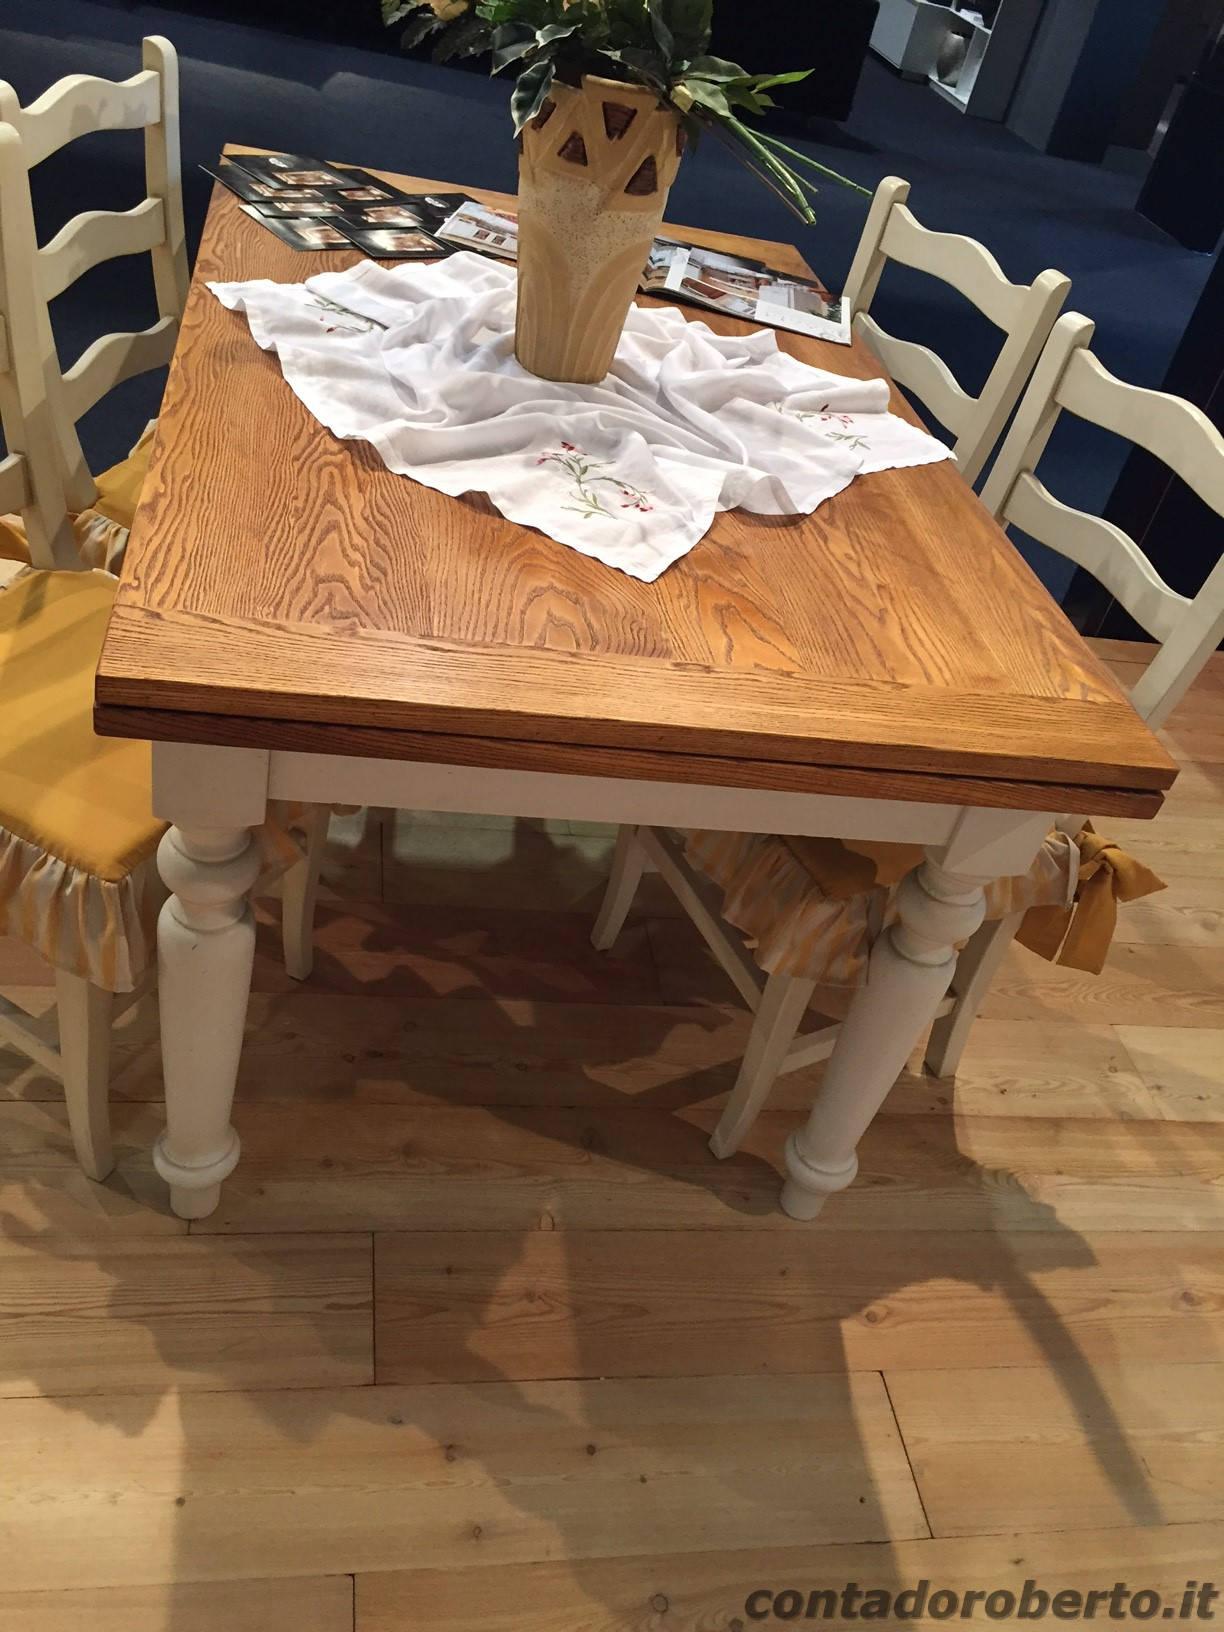 Tavolo in legno massello allungabile contado roberto for Tavolo legno massello allungabile